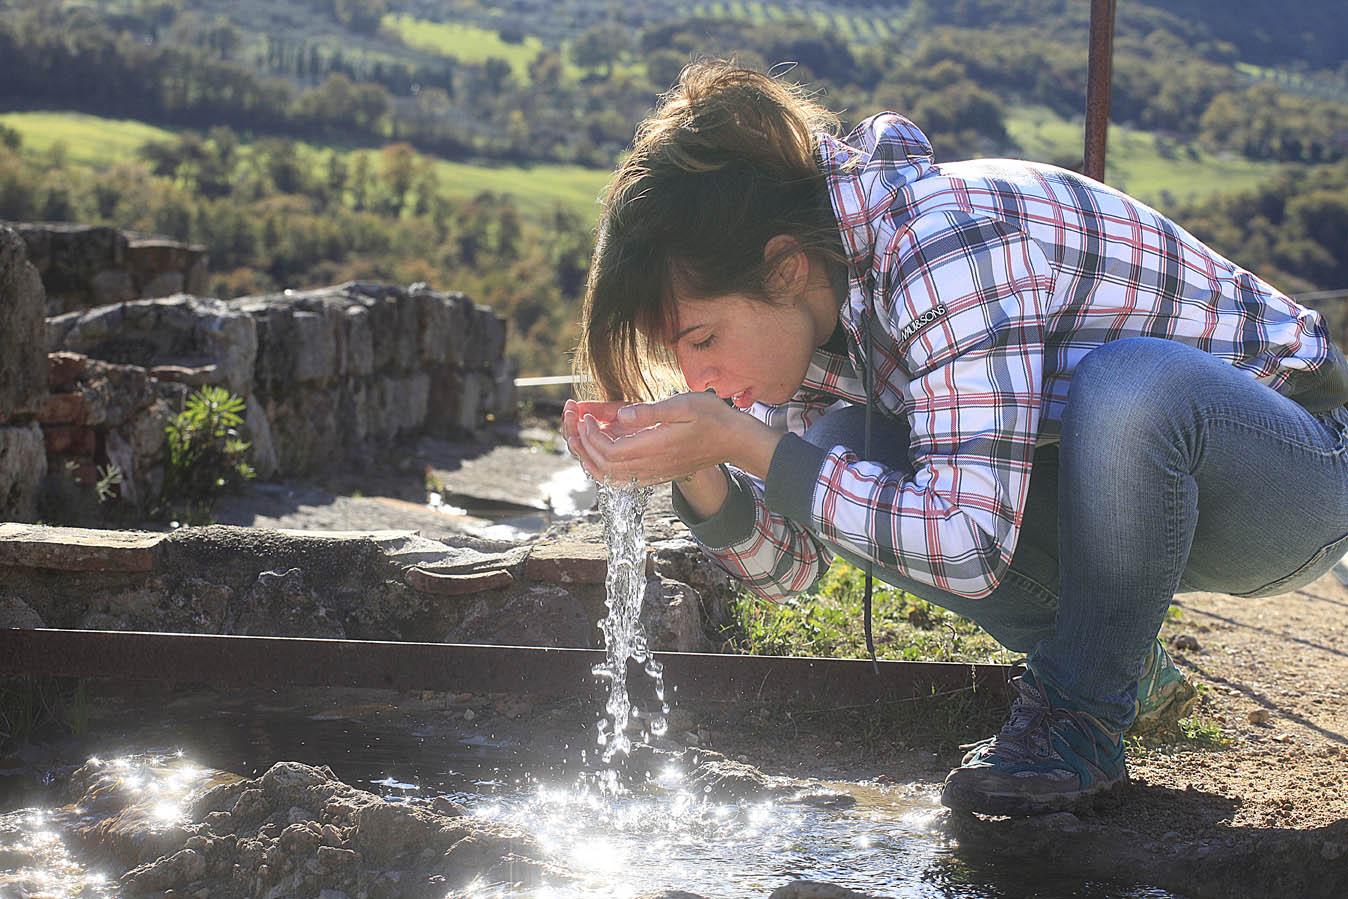 Bagno Vignoni, acqua termale, foto di Enrico Caracciolo, all rights reserved